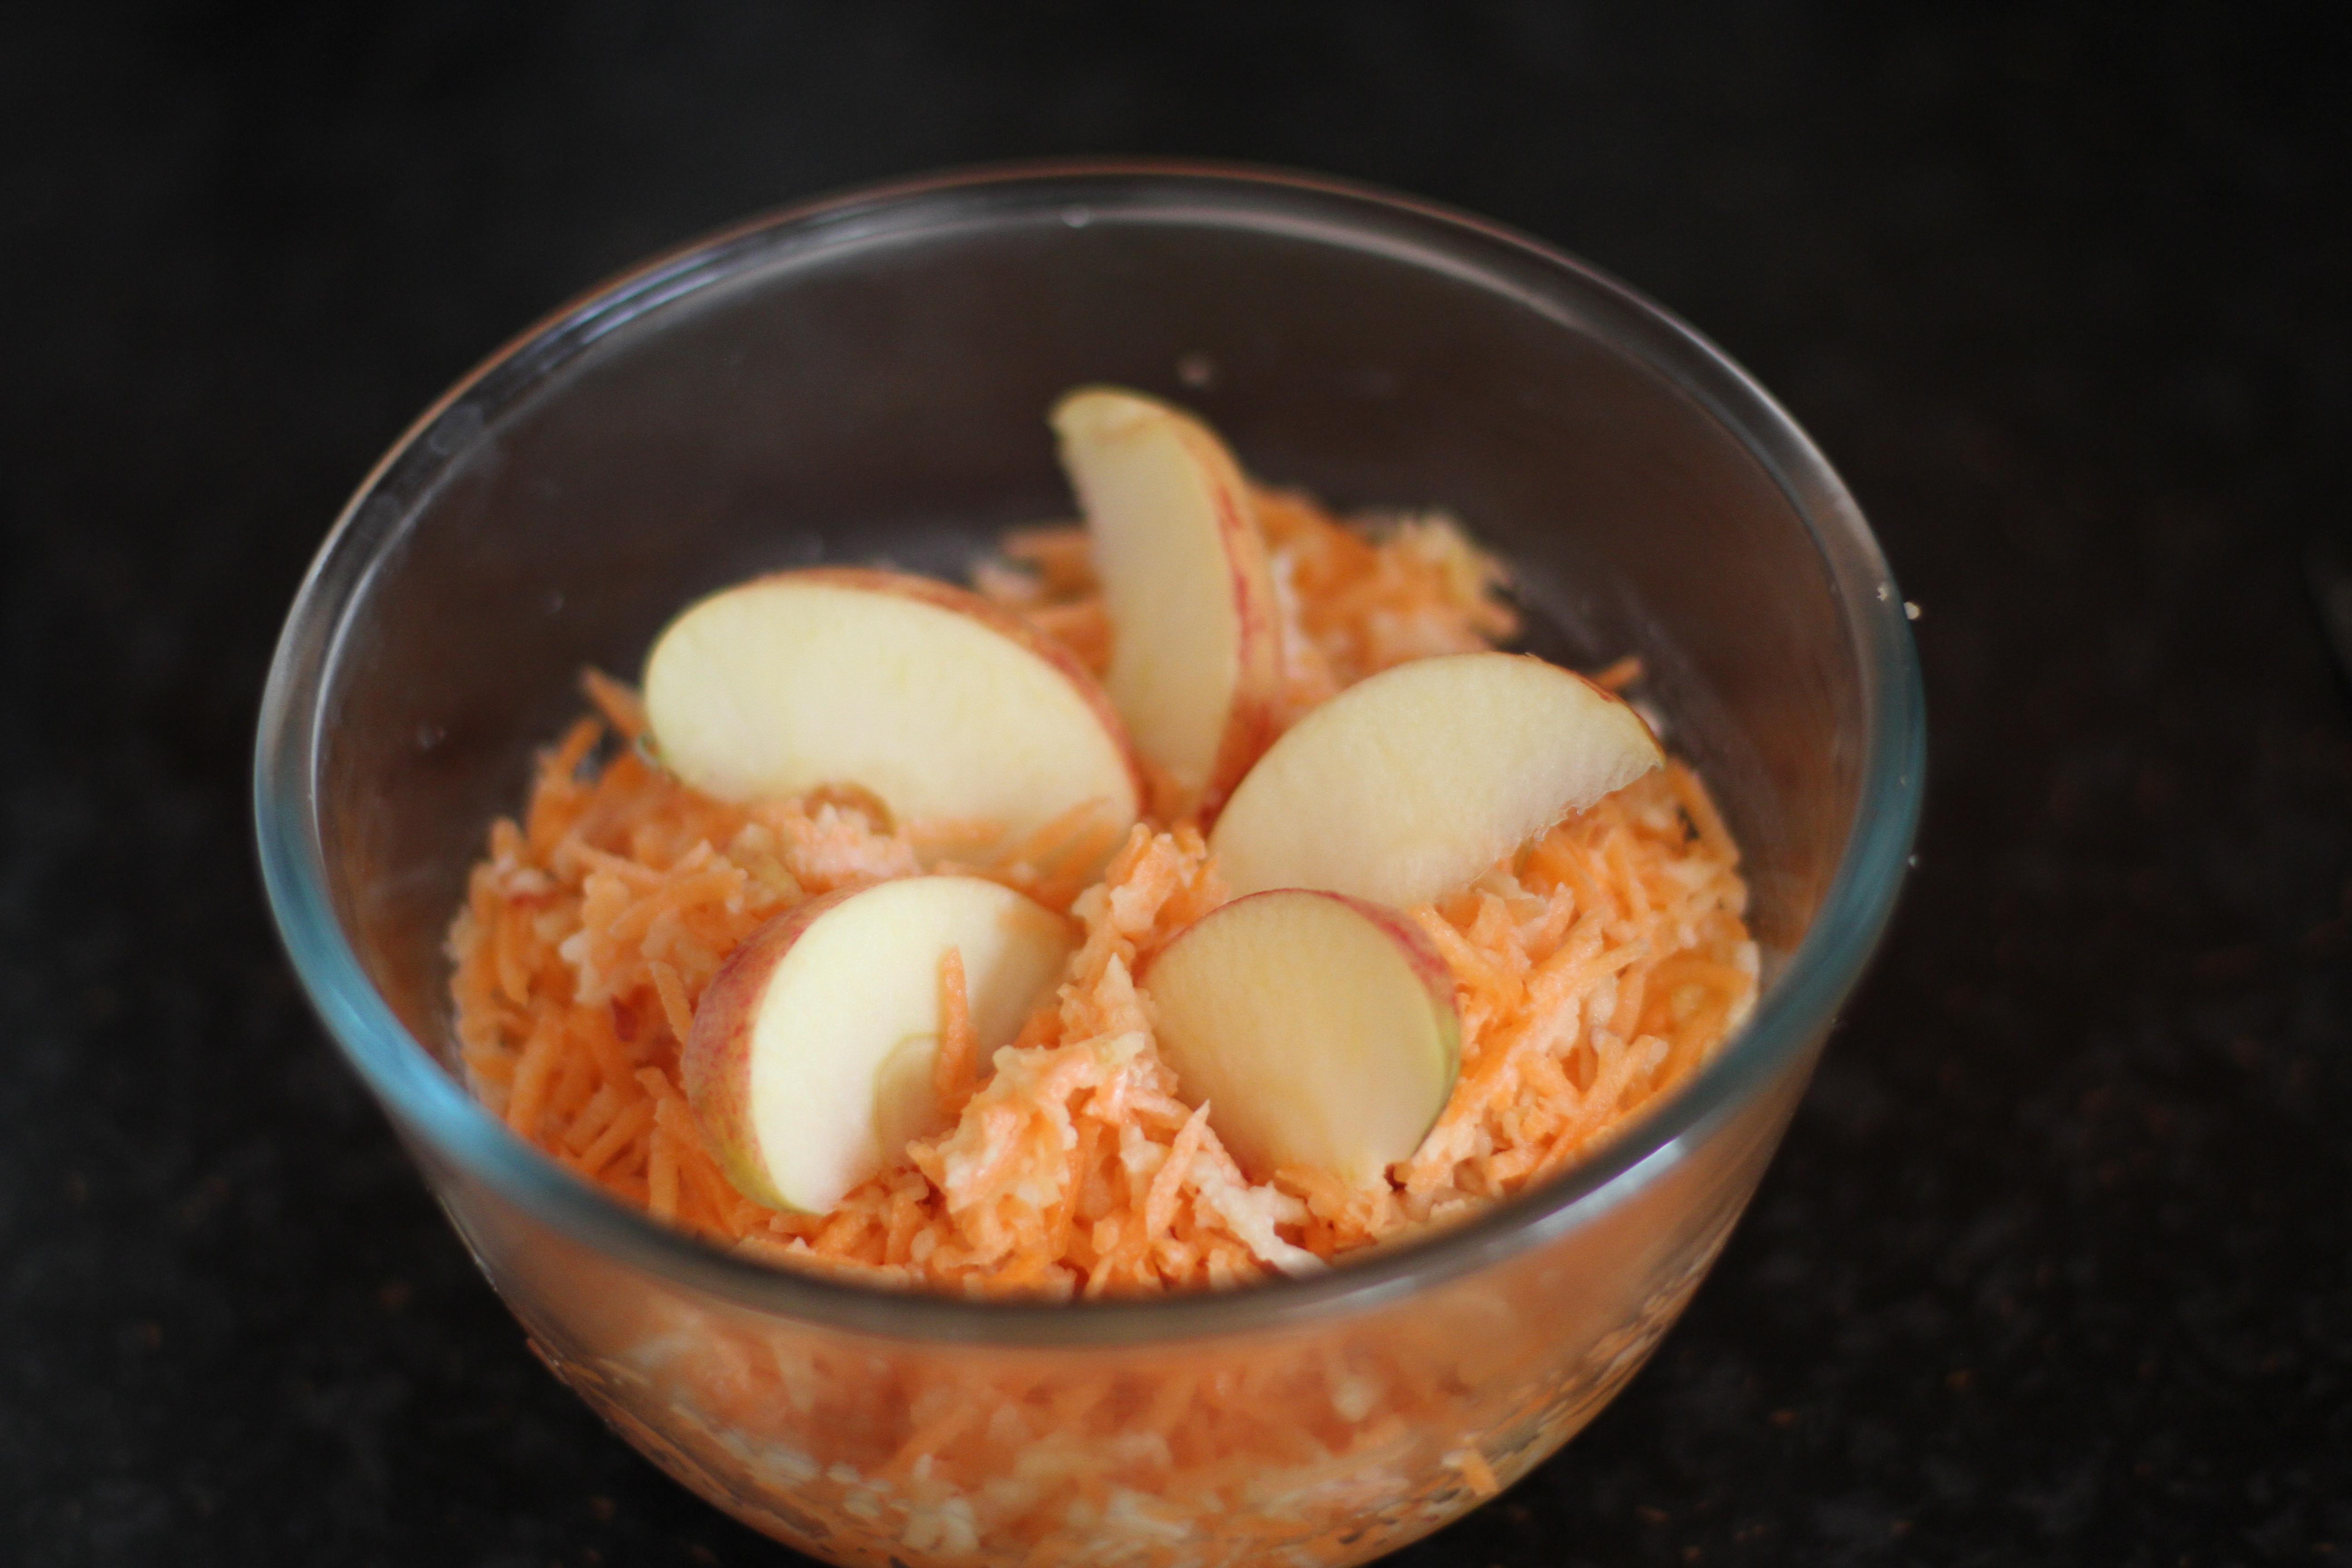 surówka z marchwi i jabłek